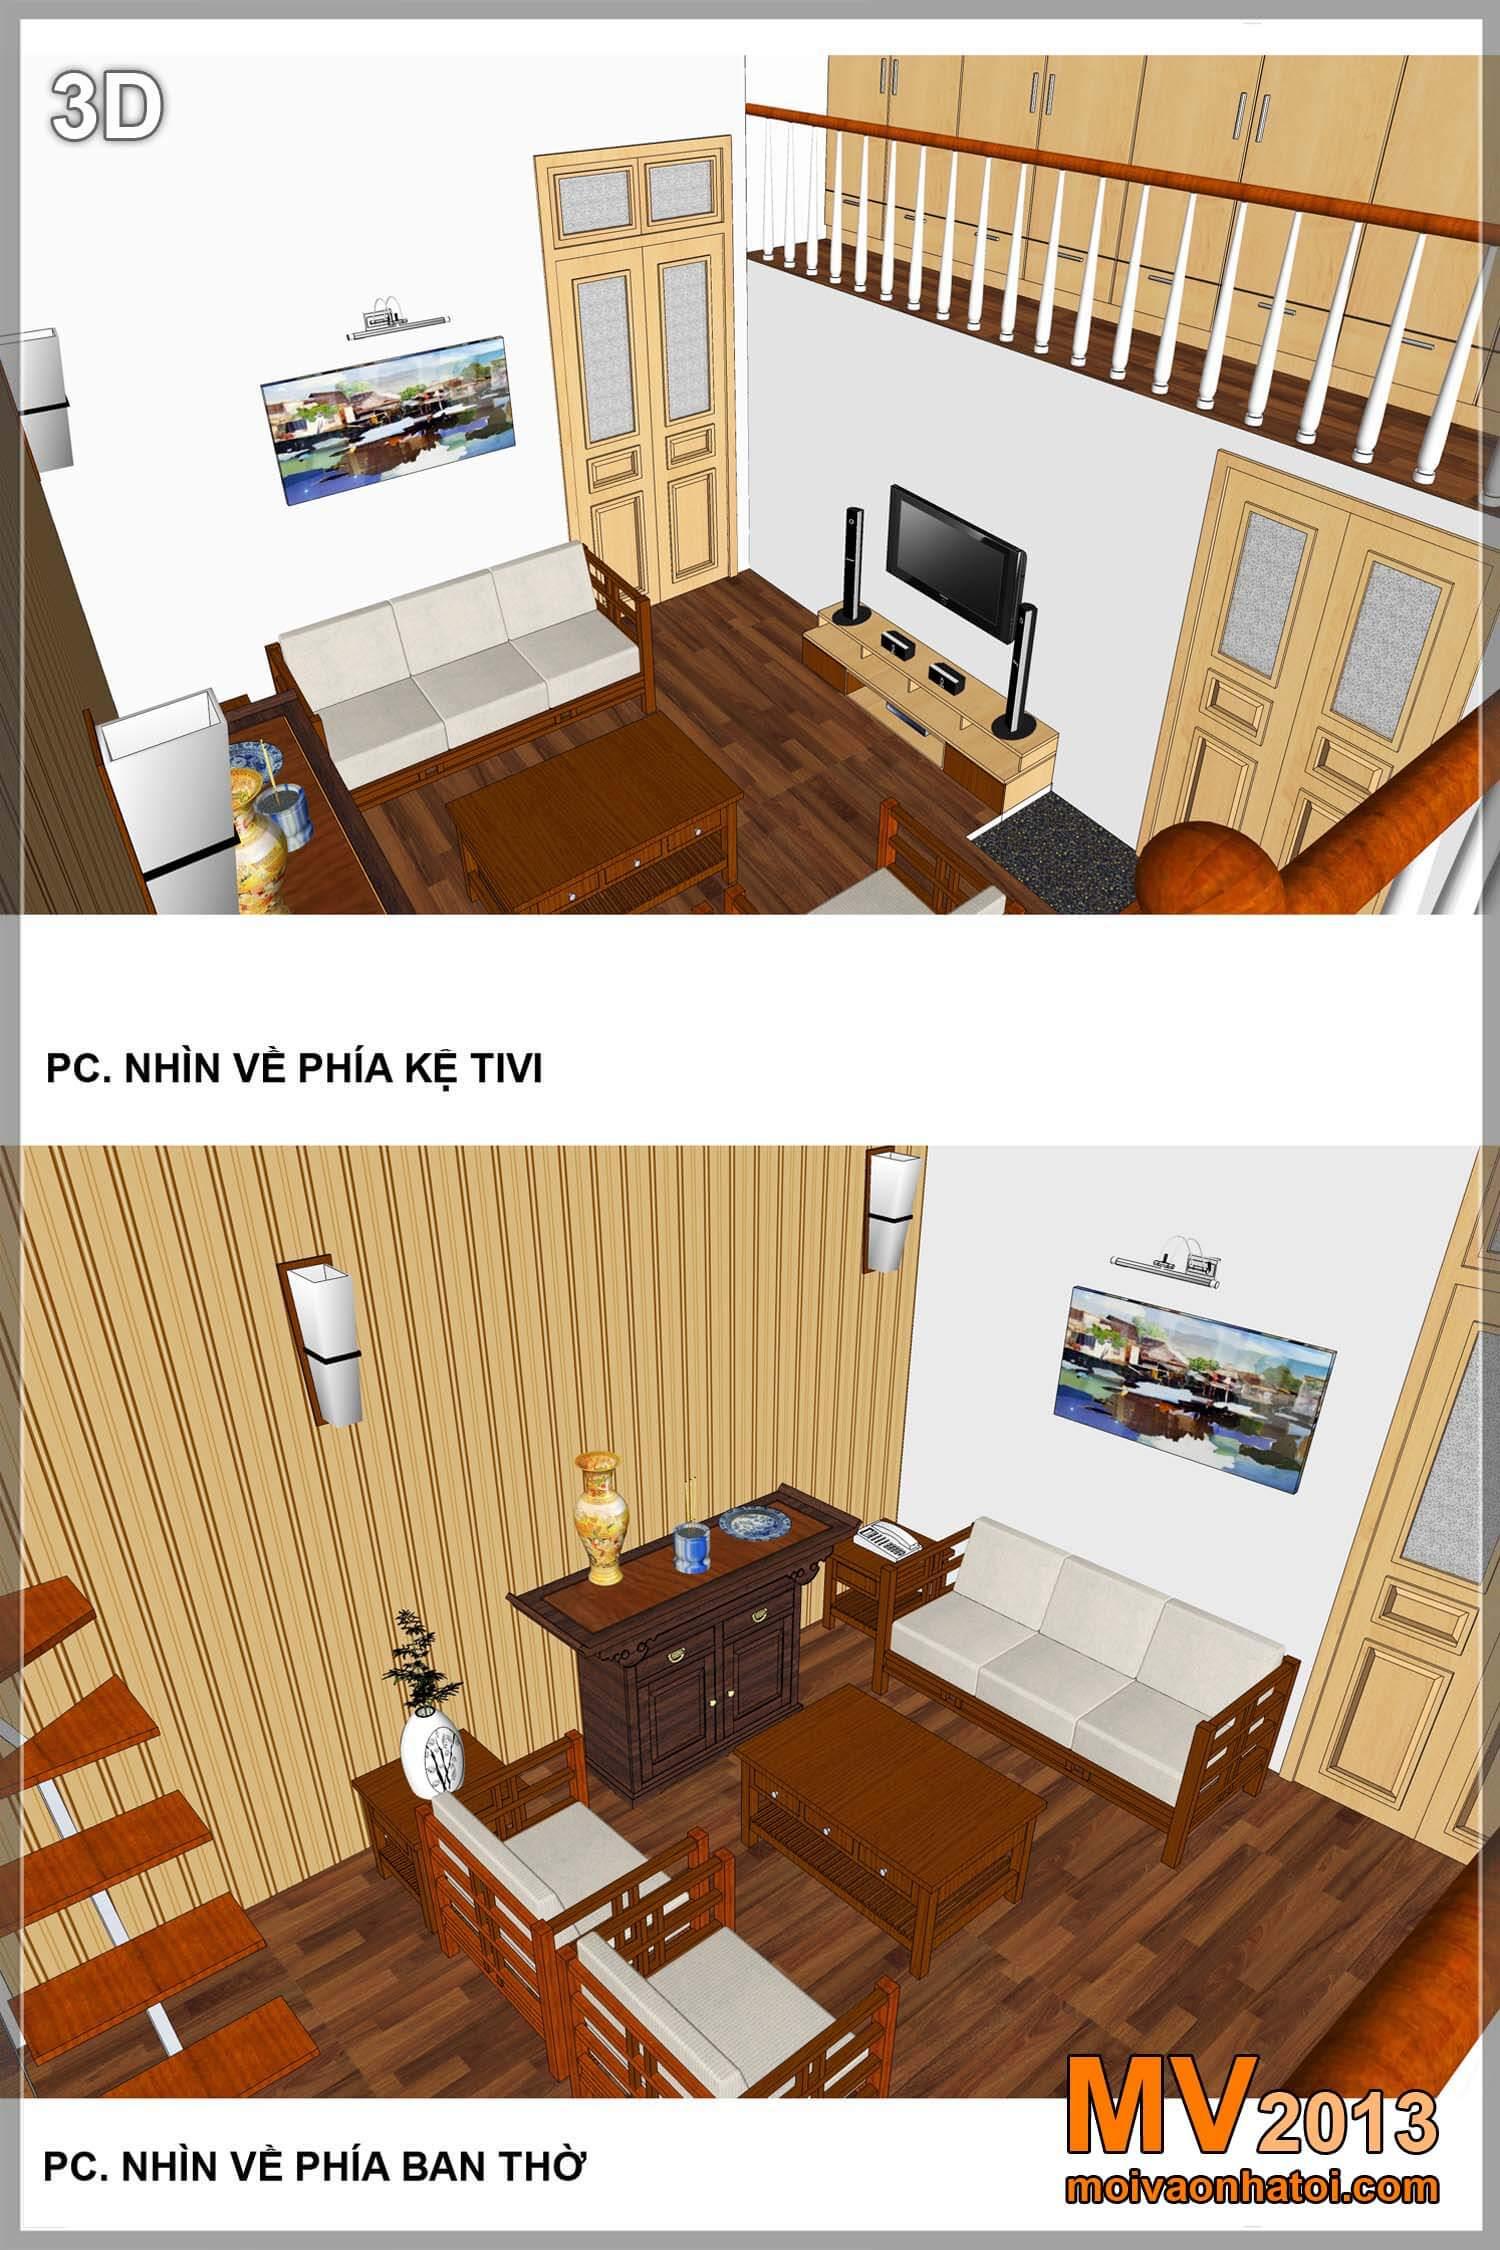 Bản thiết kế nội thất phòng khách